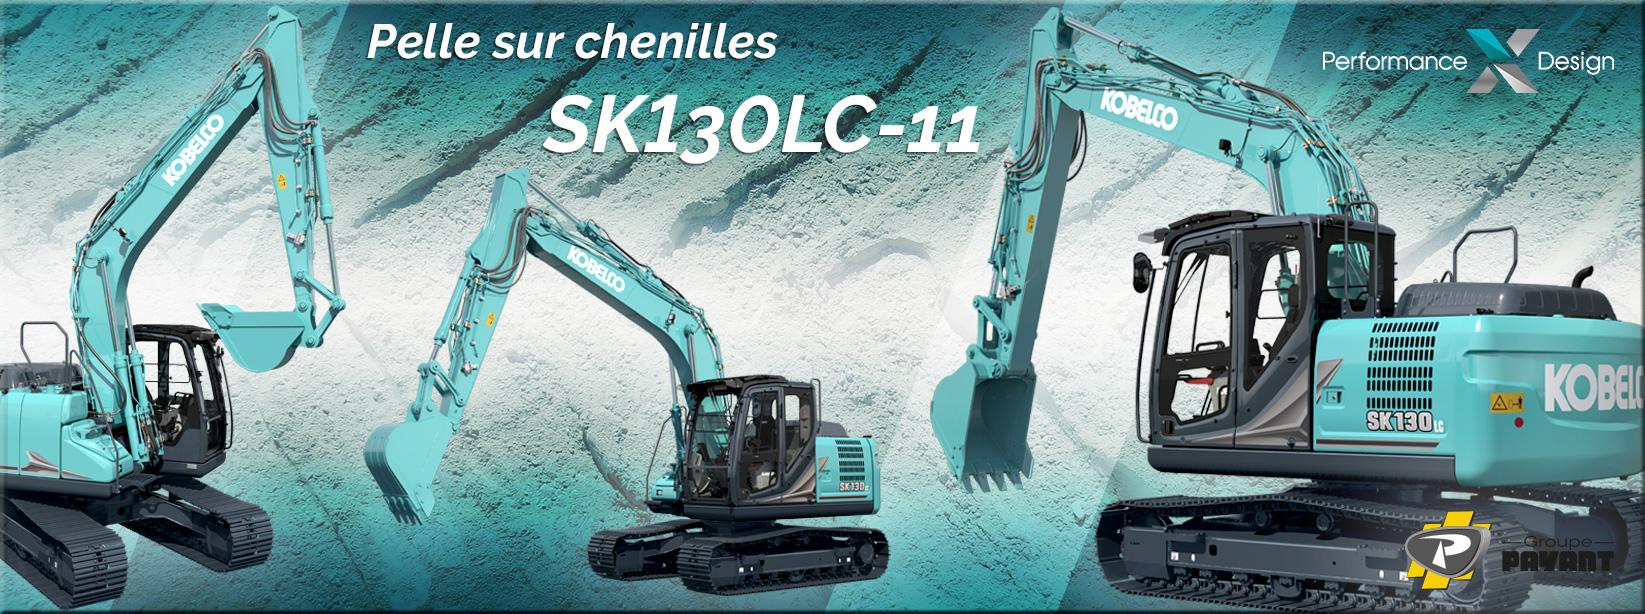 Pelle sur chenilles SK130LC-11 Kobelco